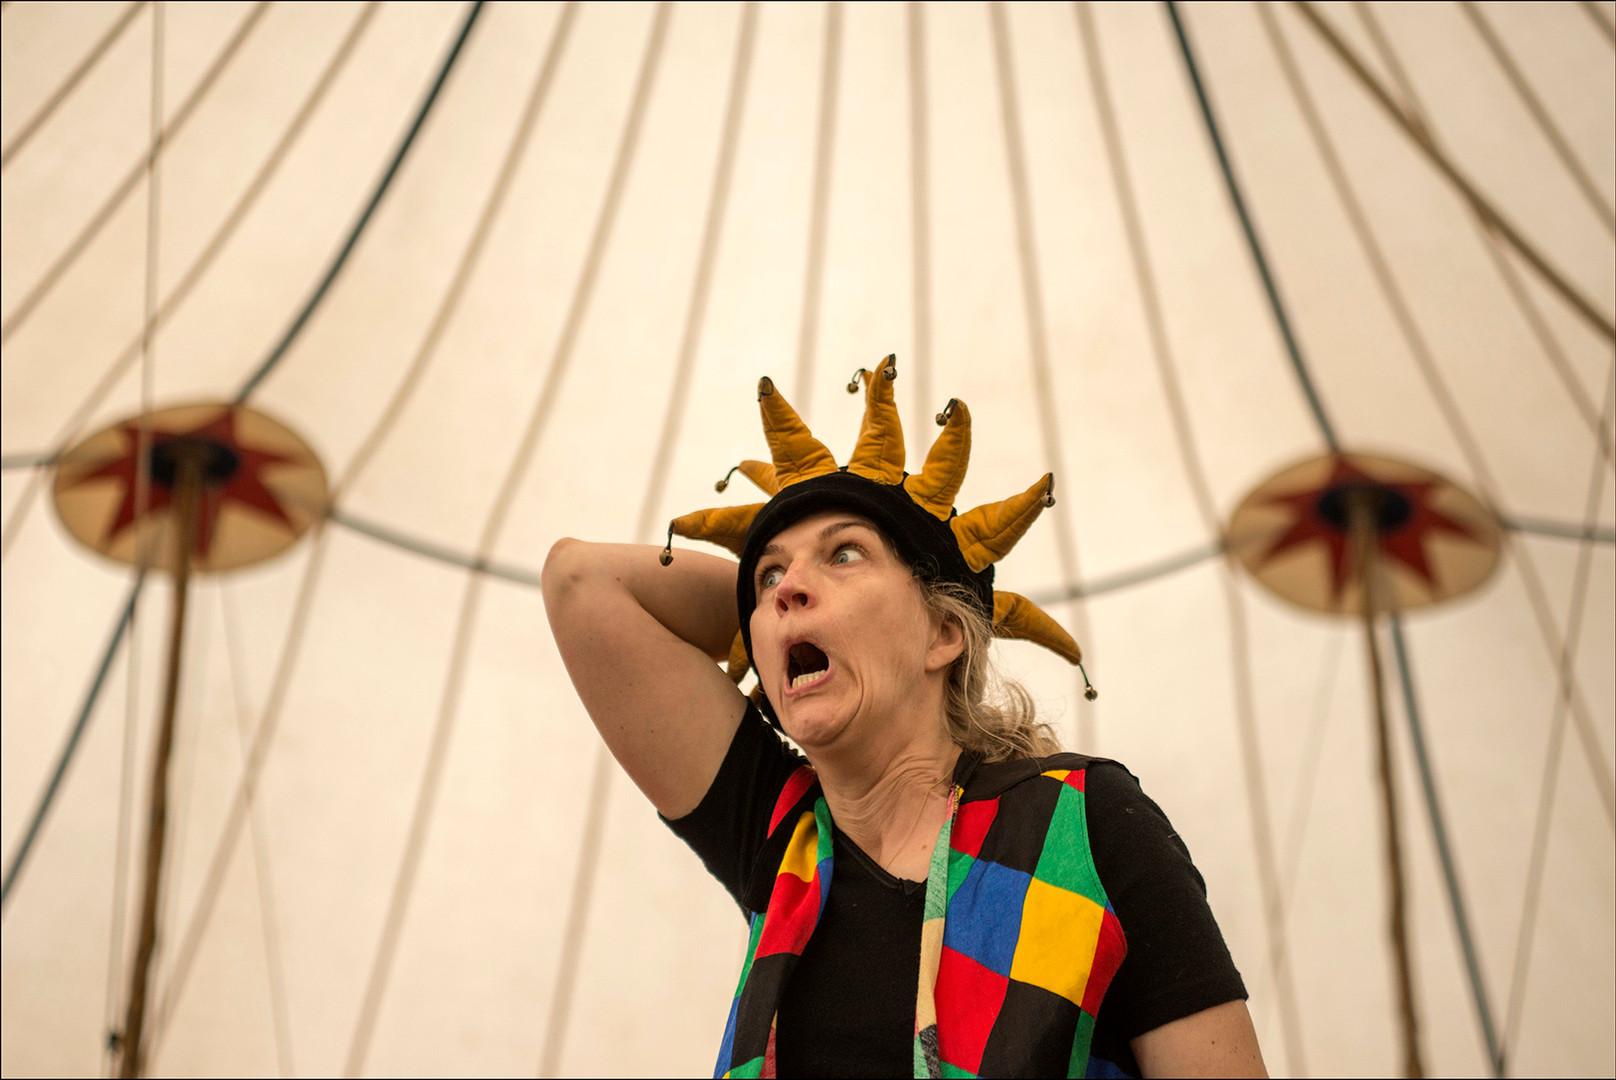 Cirkus Panik